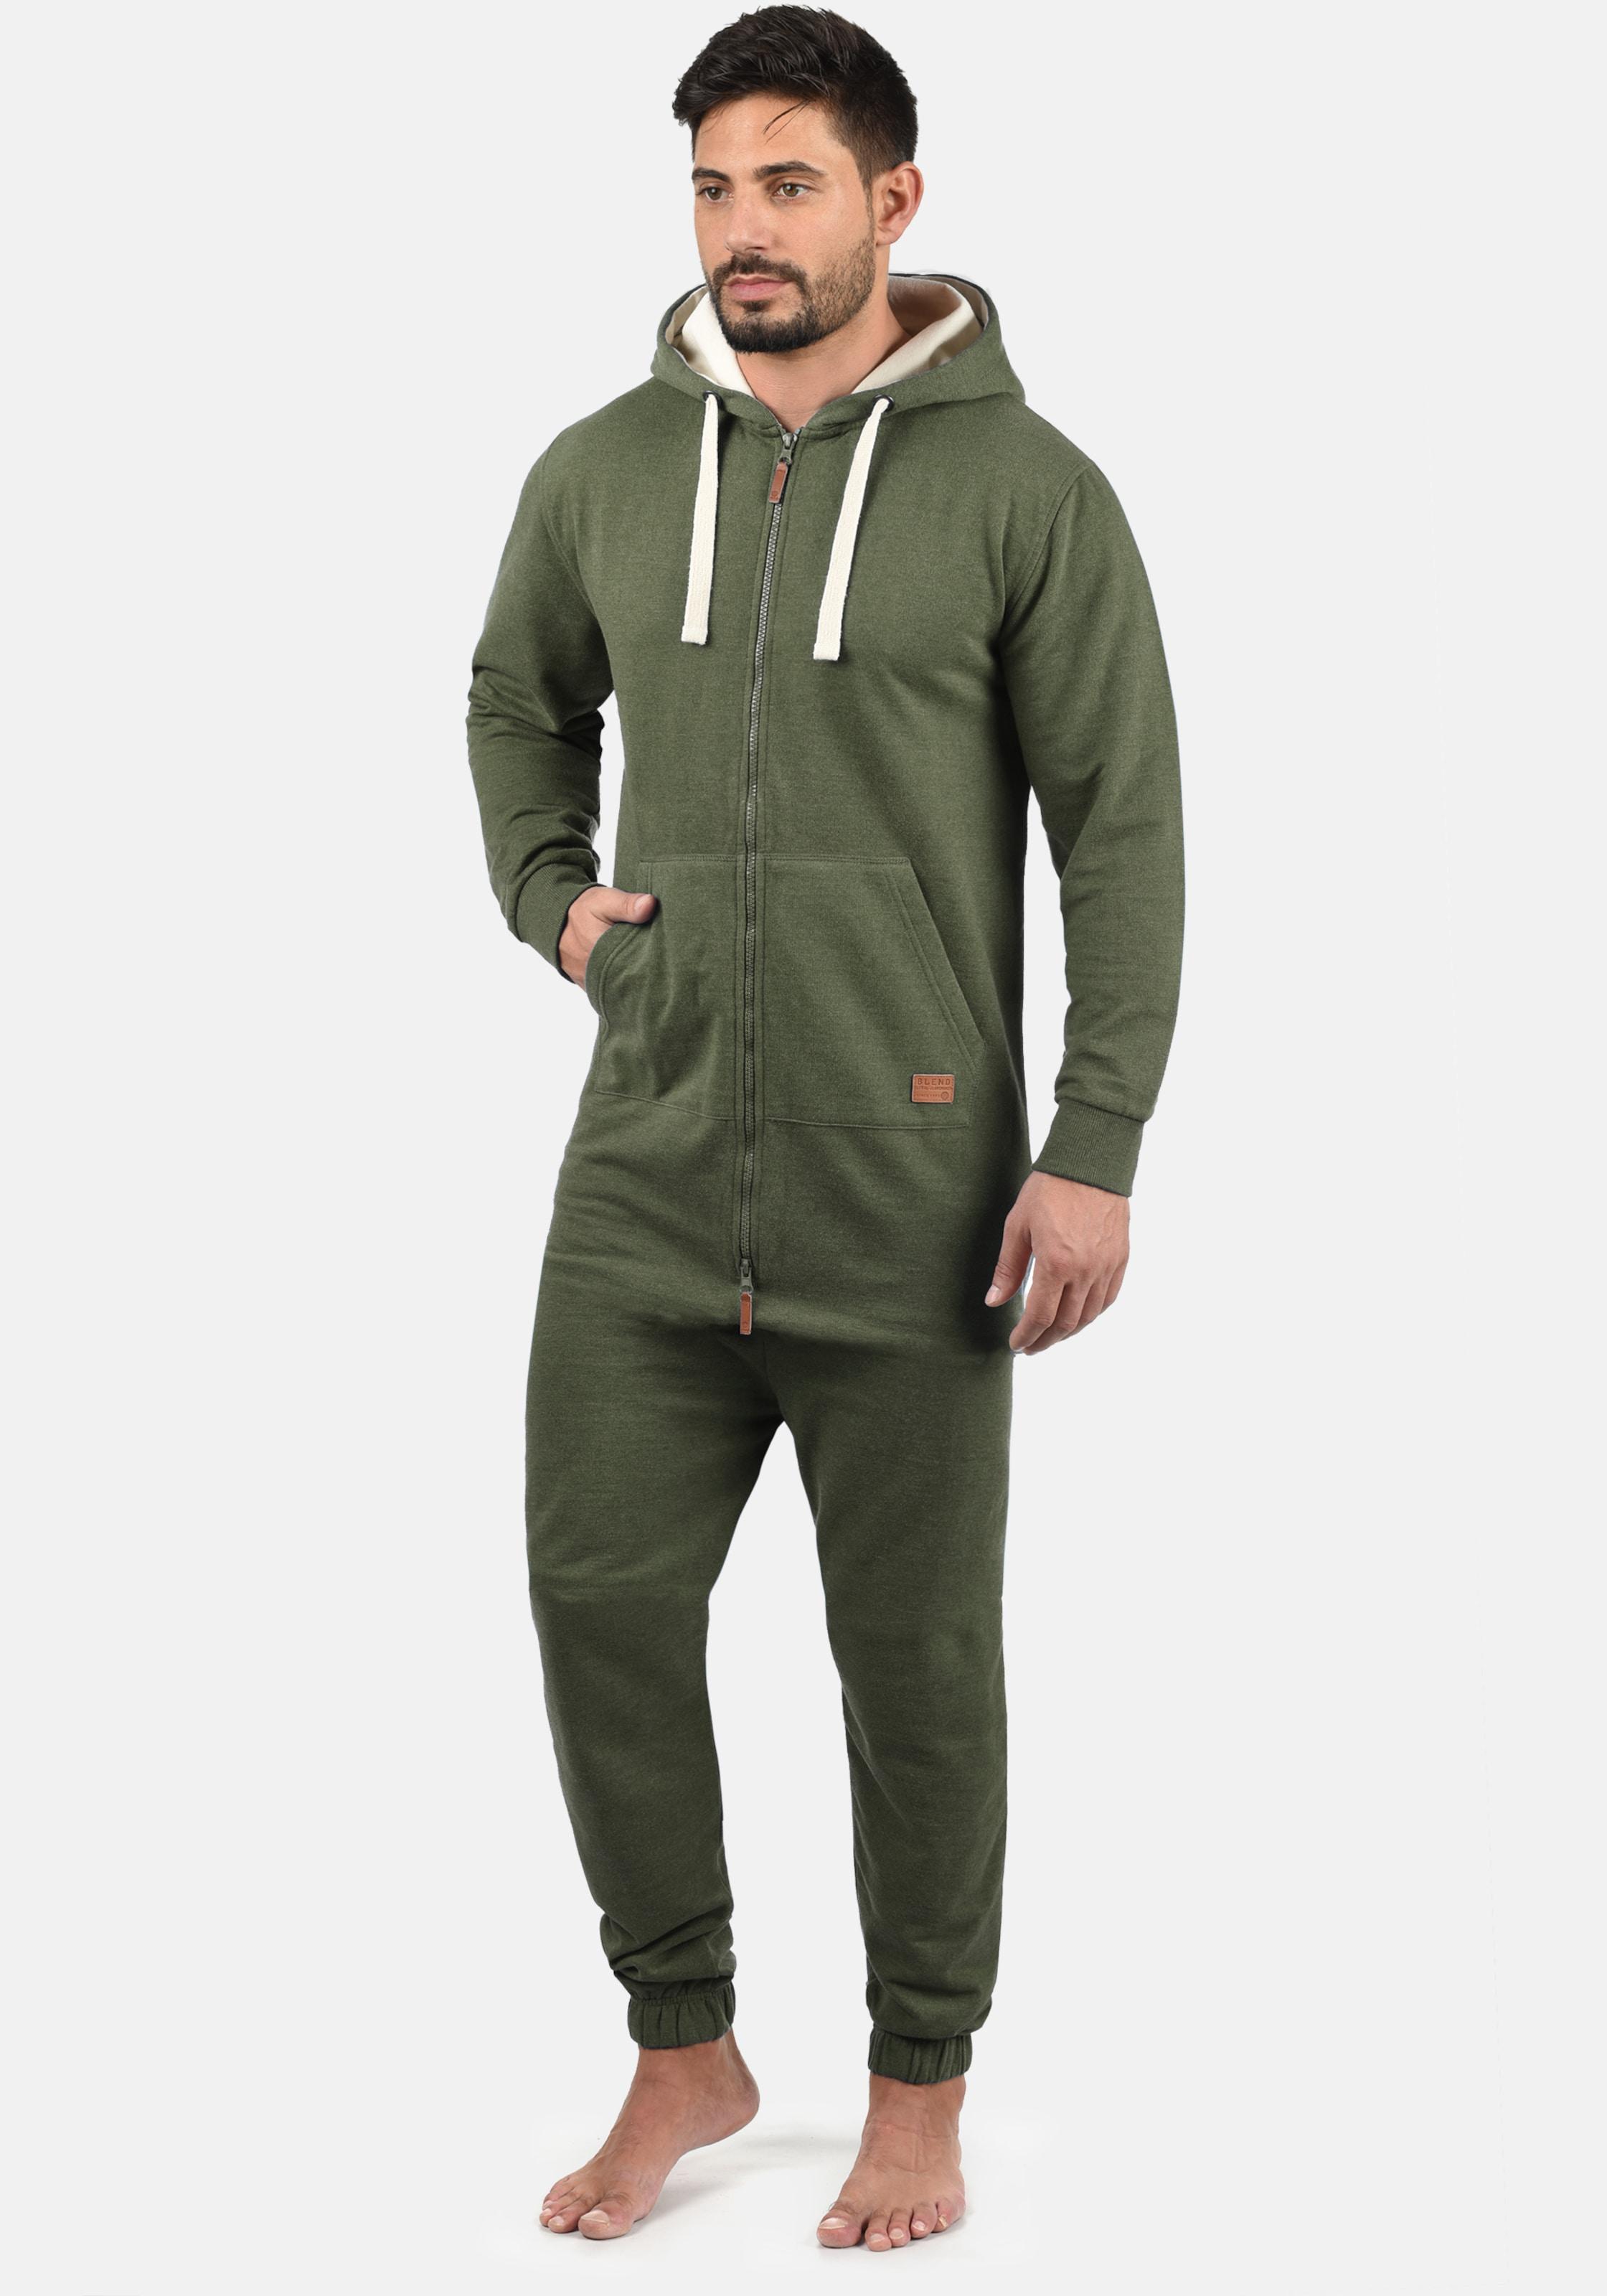 BLEND Overall 'Salinho' in grün Unifarben ART114695-010